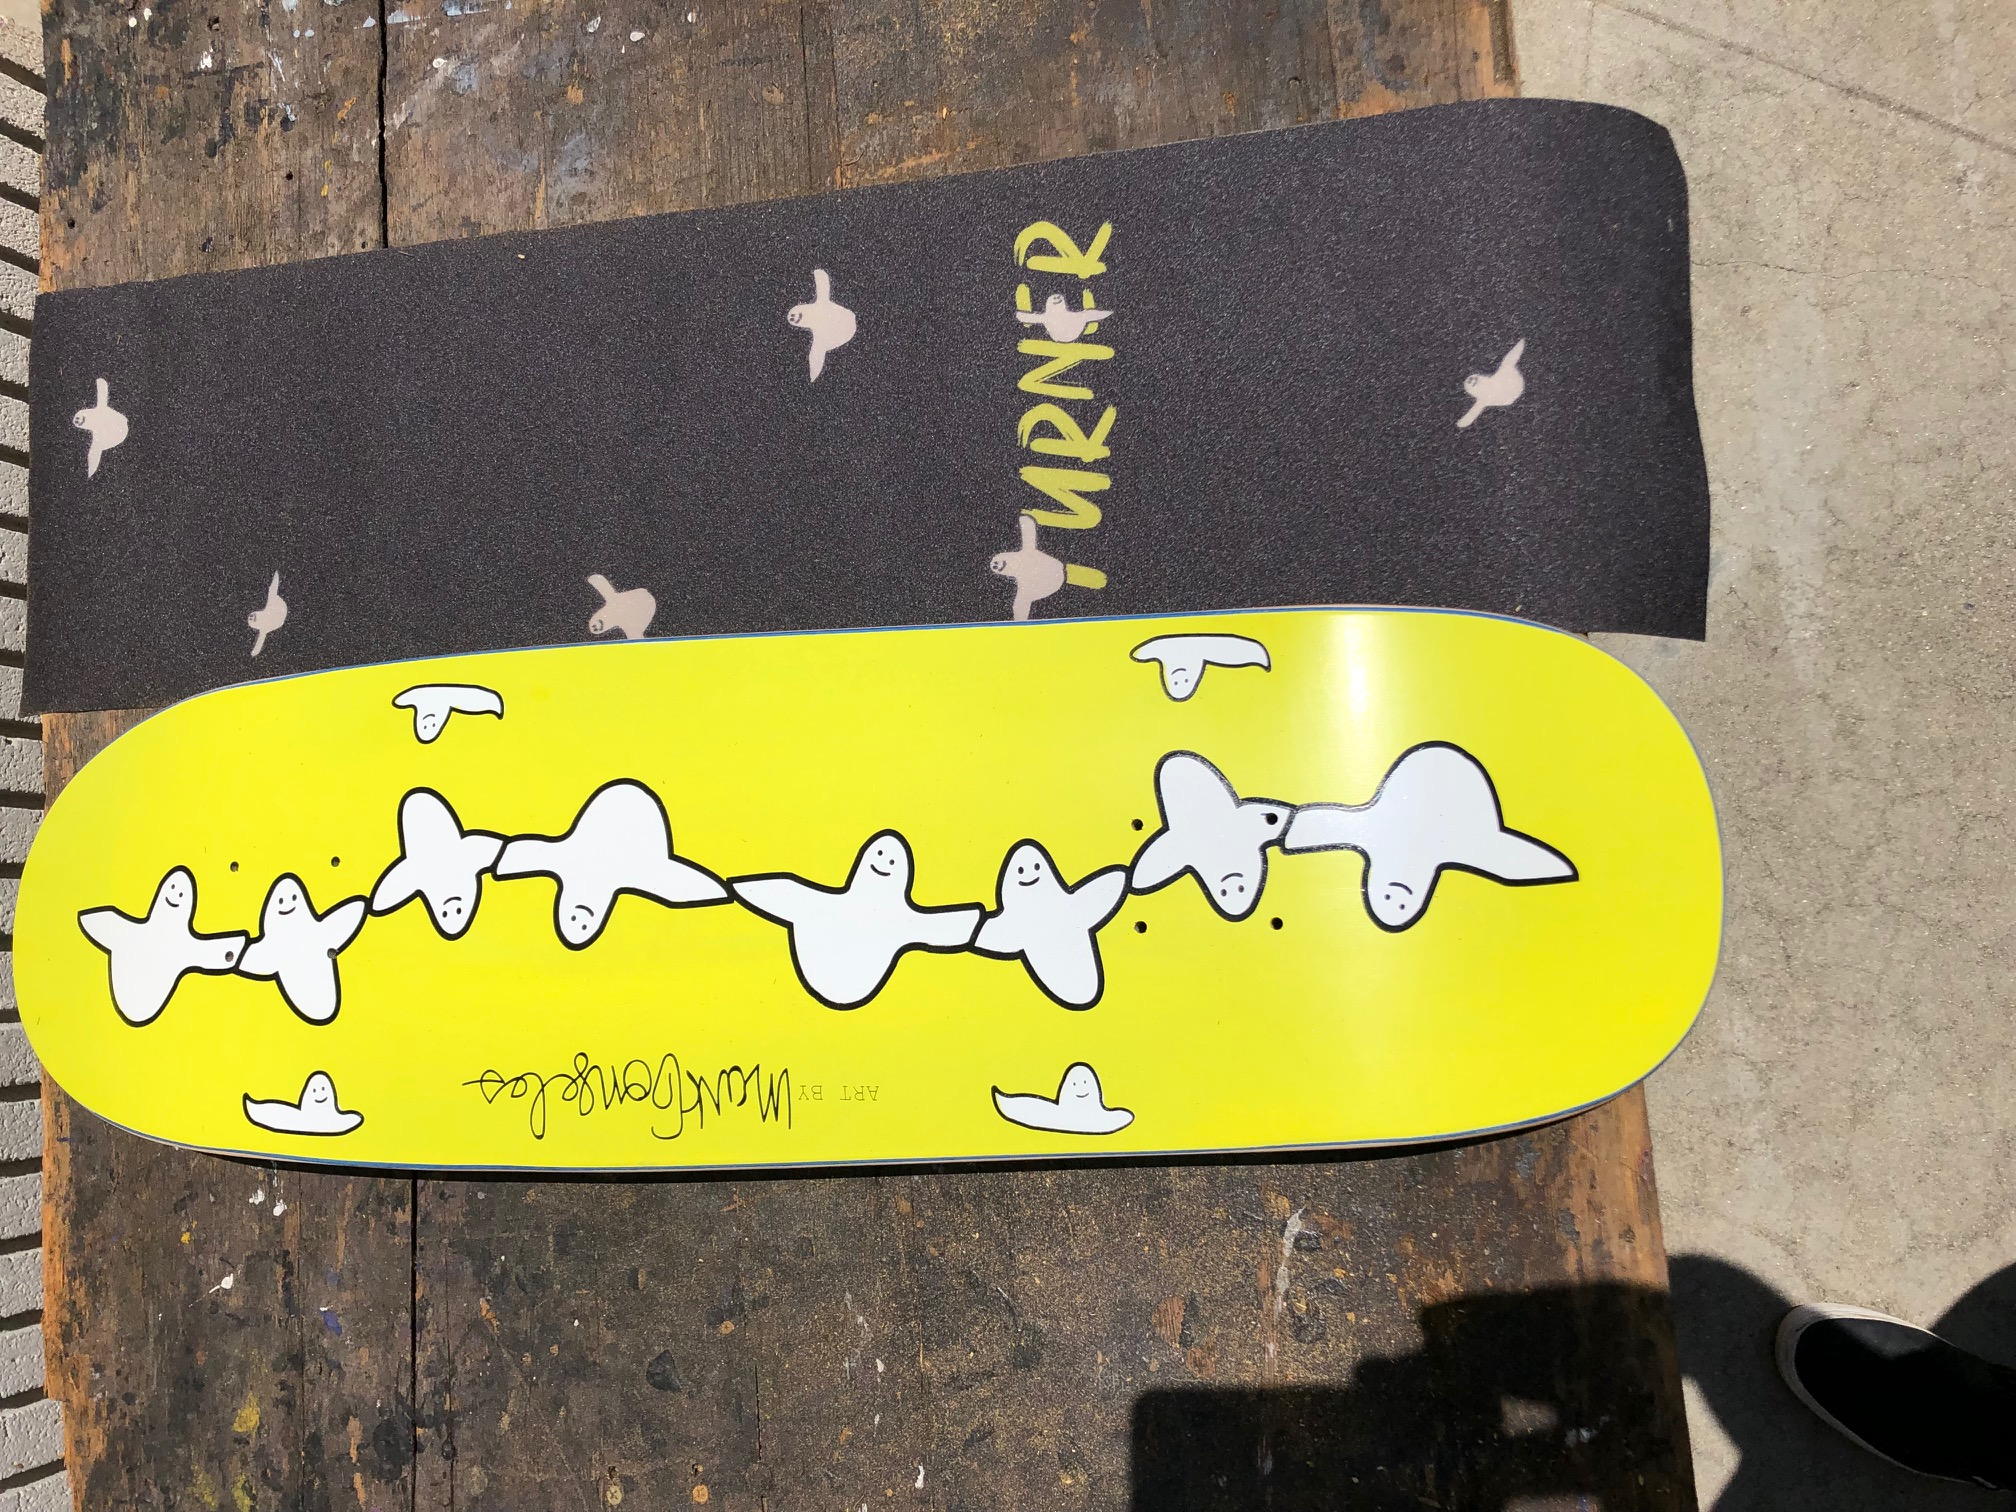 PrimeWood LA | Online Webstore & Skateboard Manufacturing